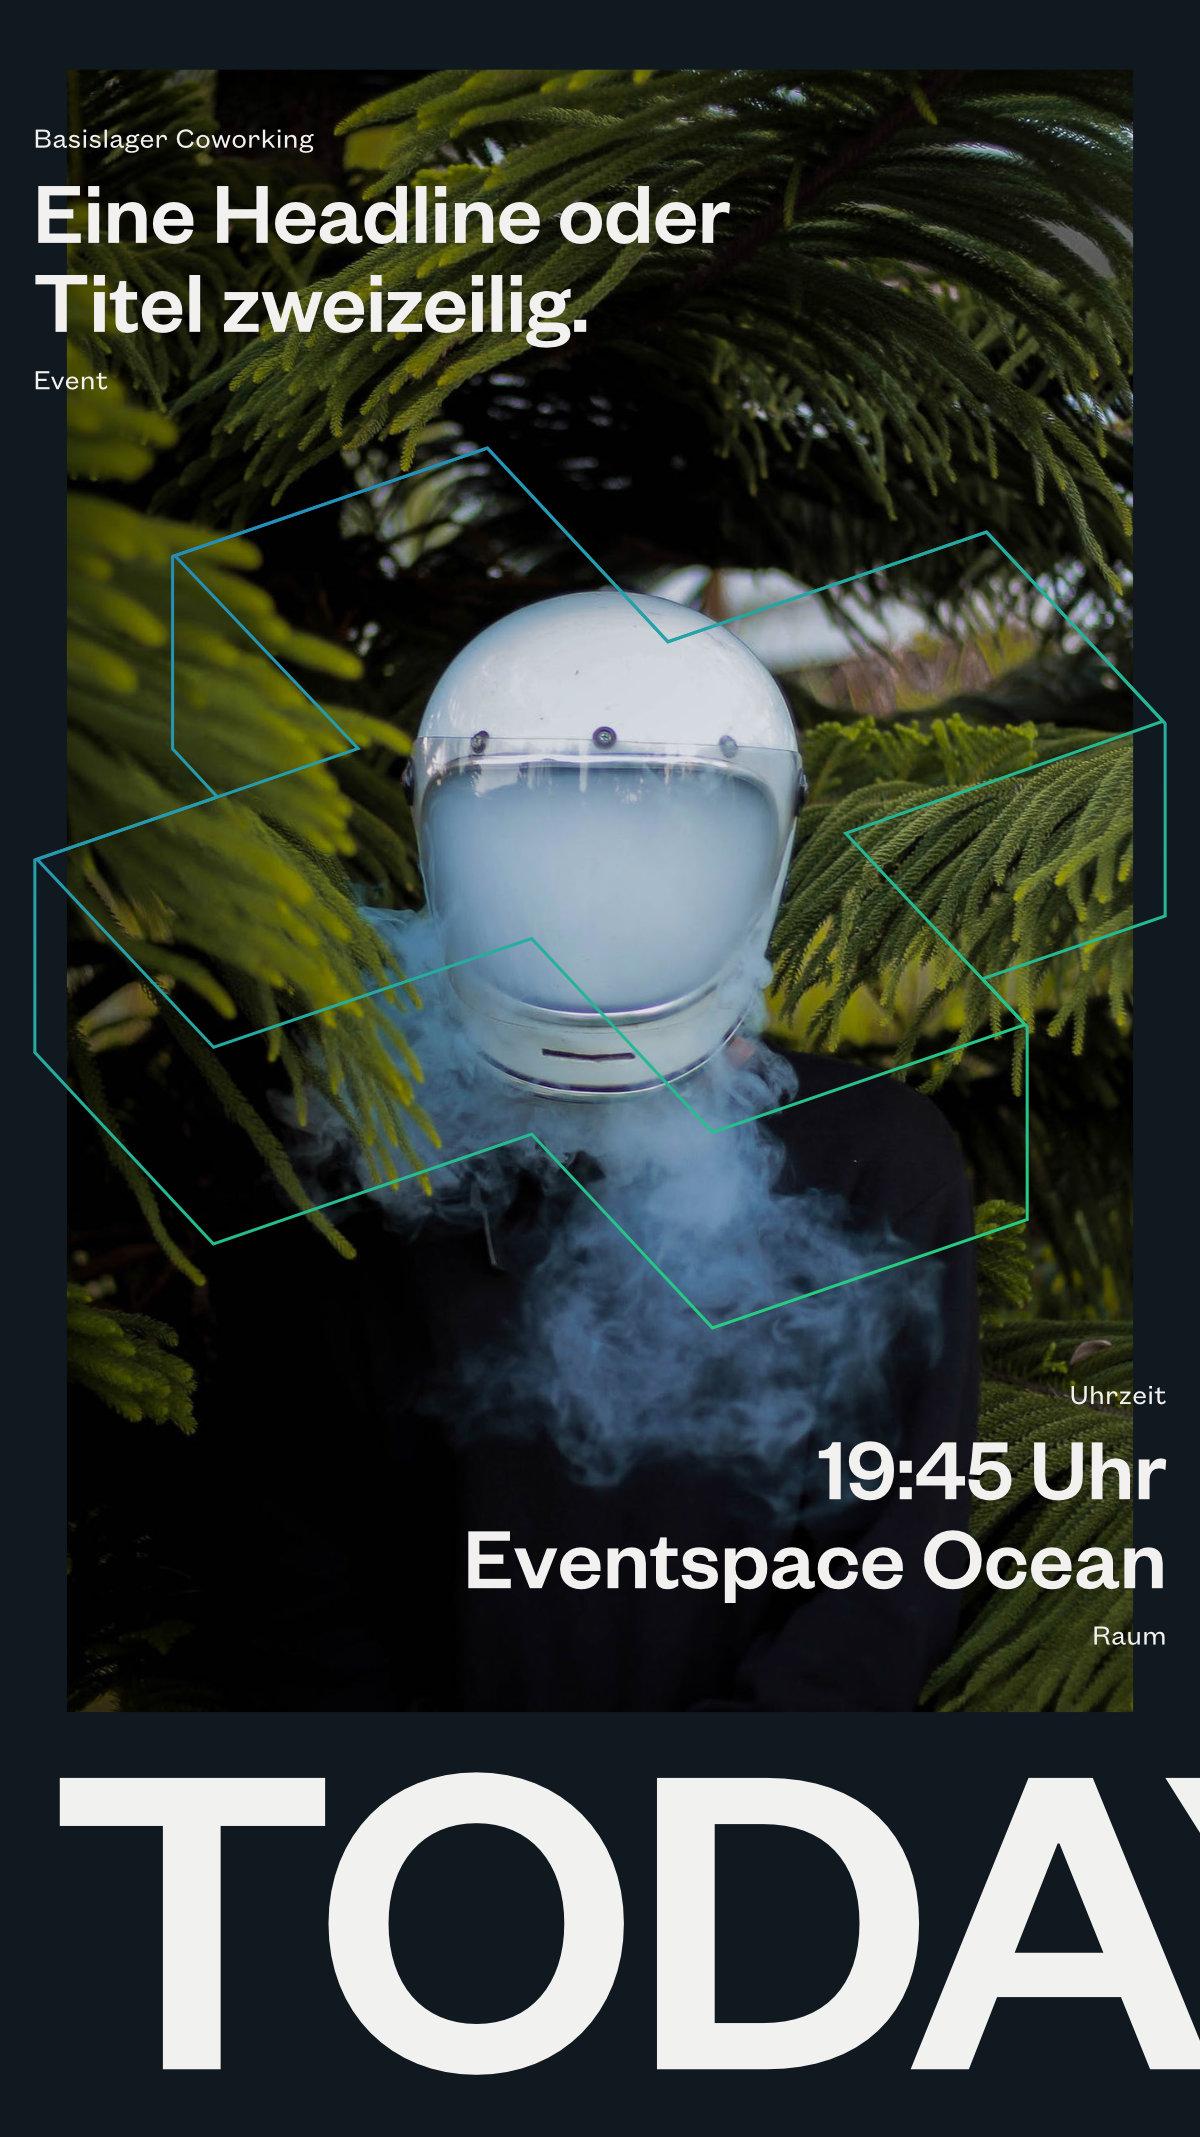 whateverworks-Basislager-Rostock-G